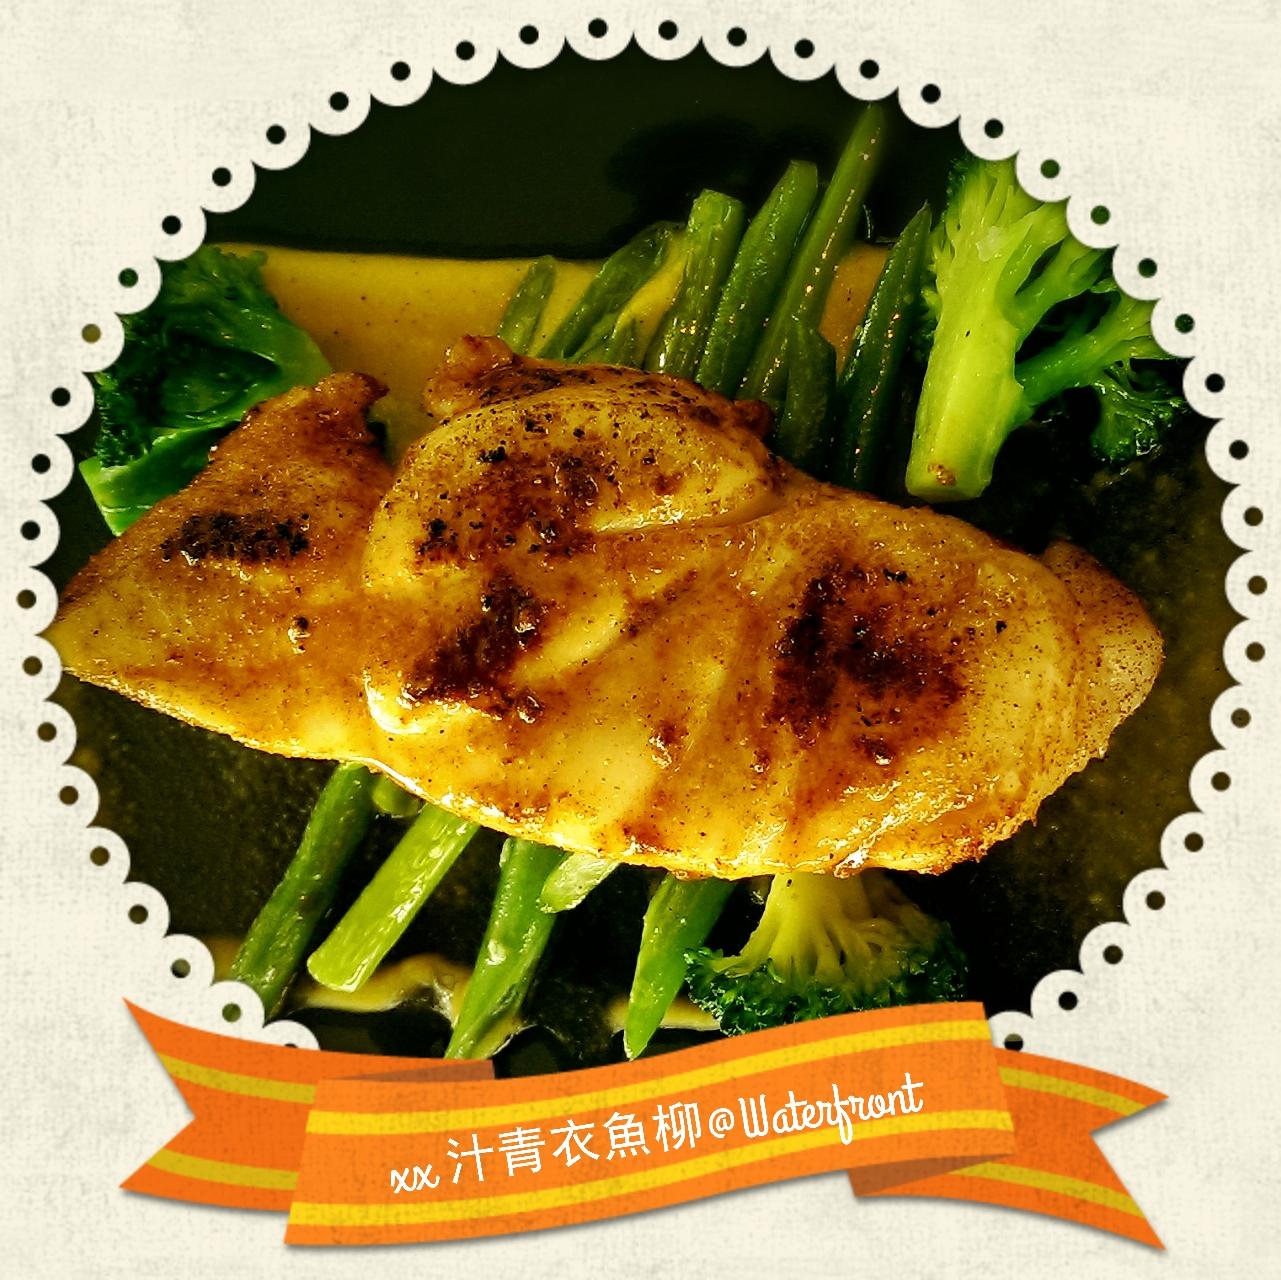 藍莓汁伴三文魚柳